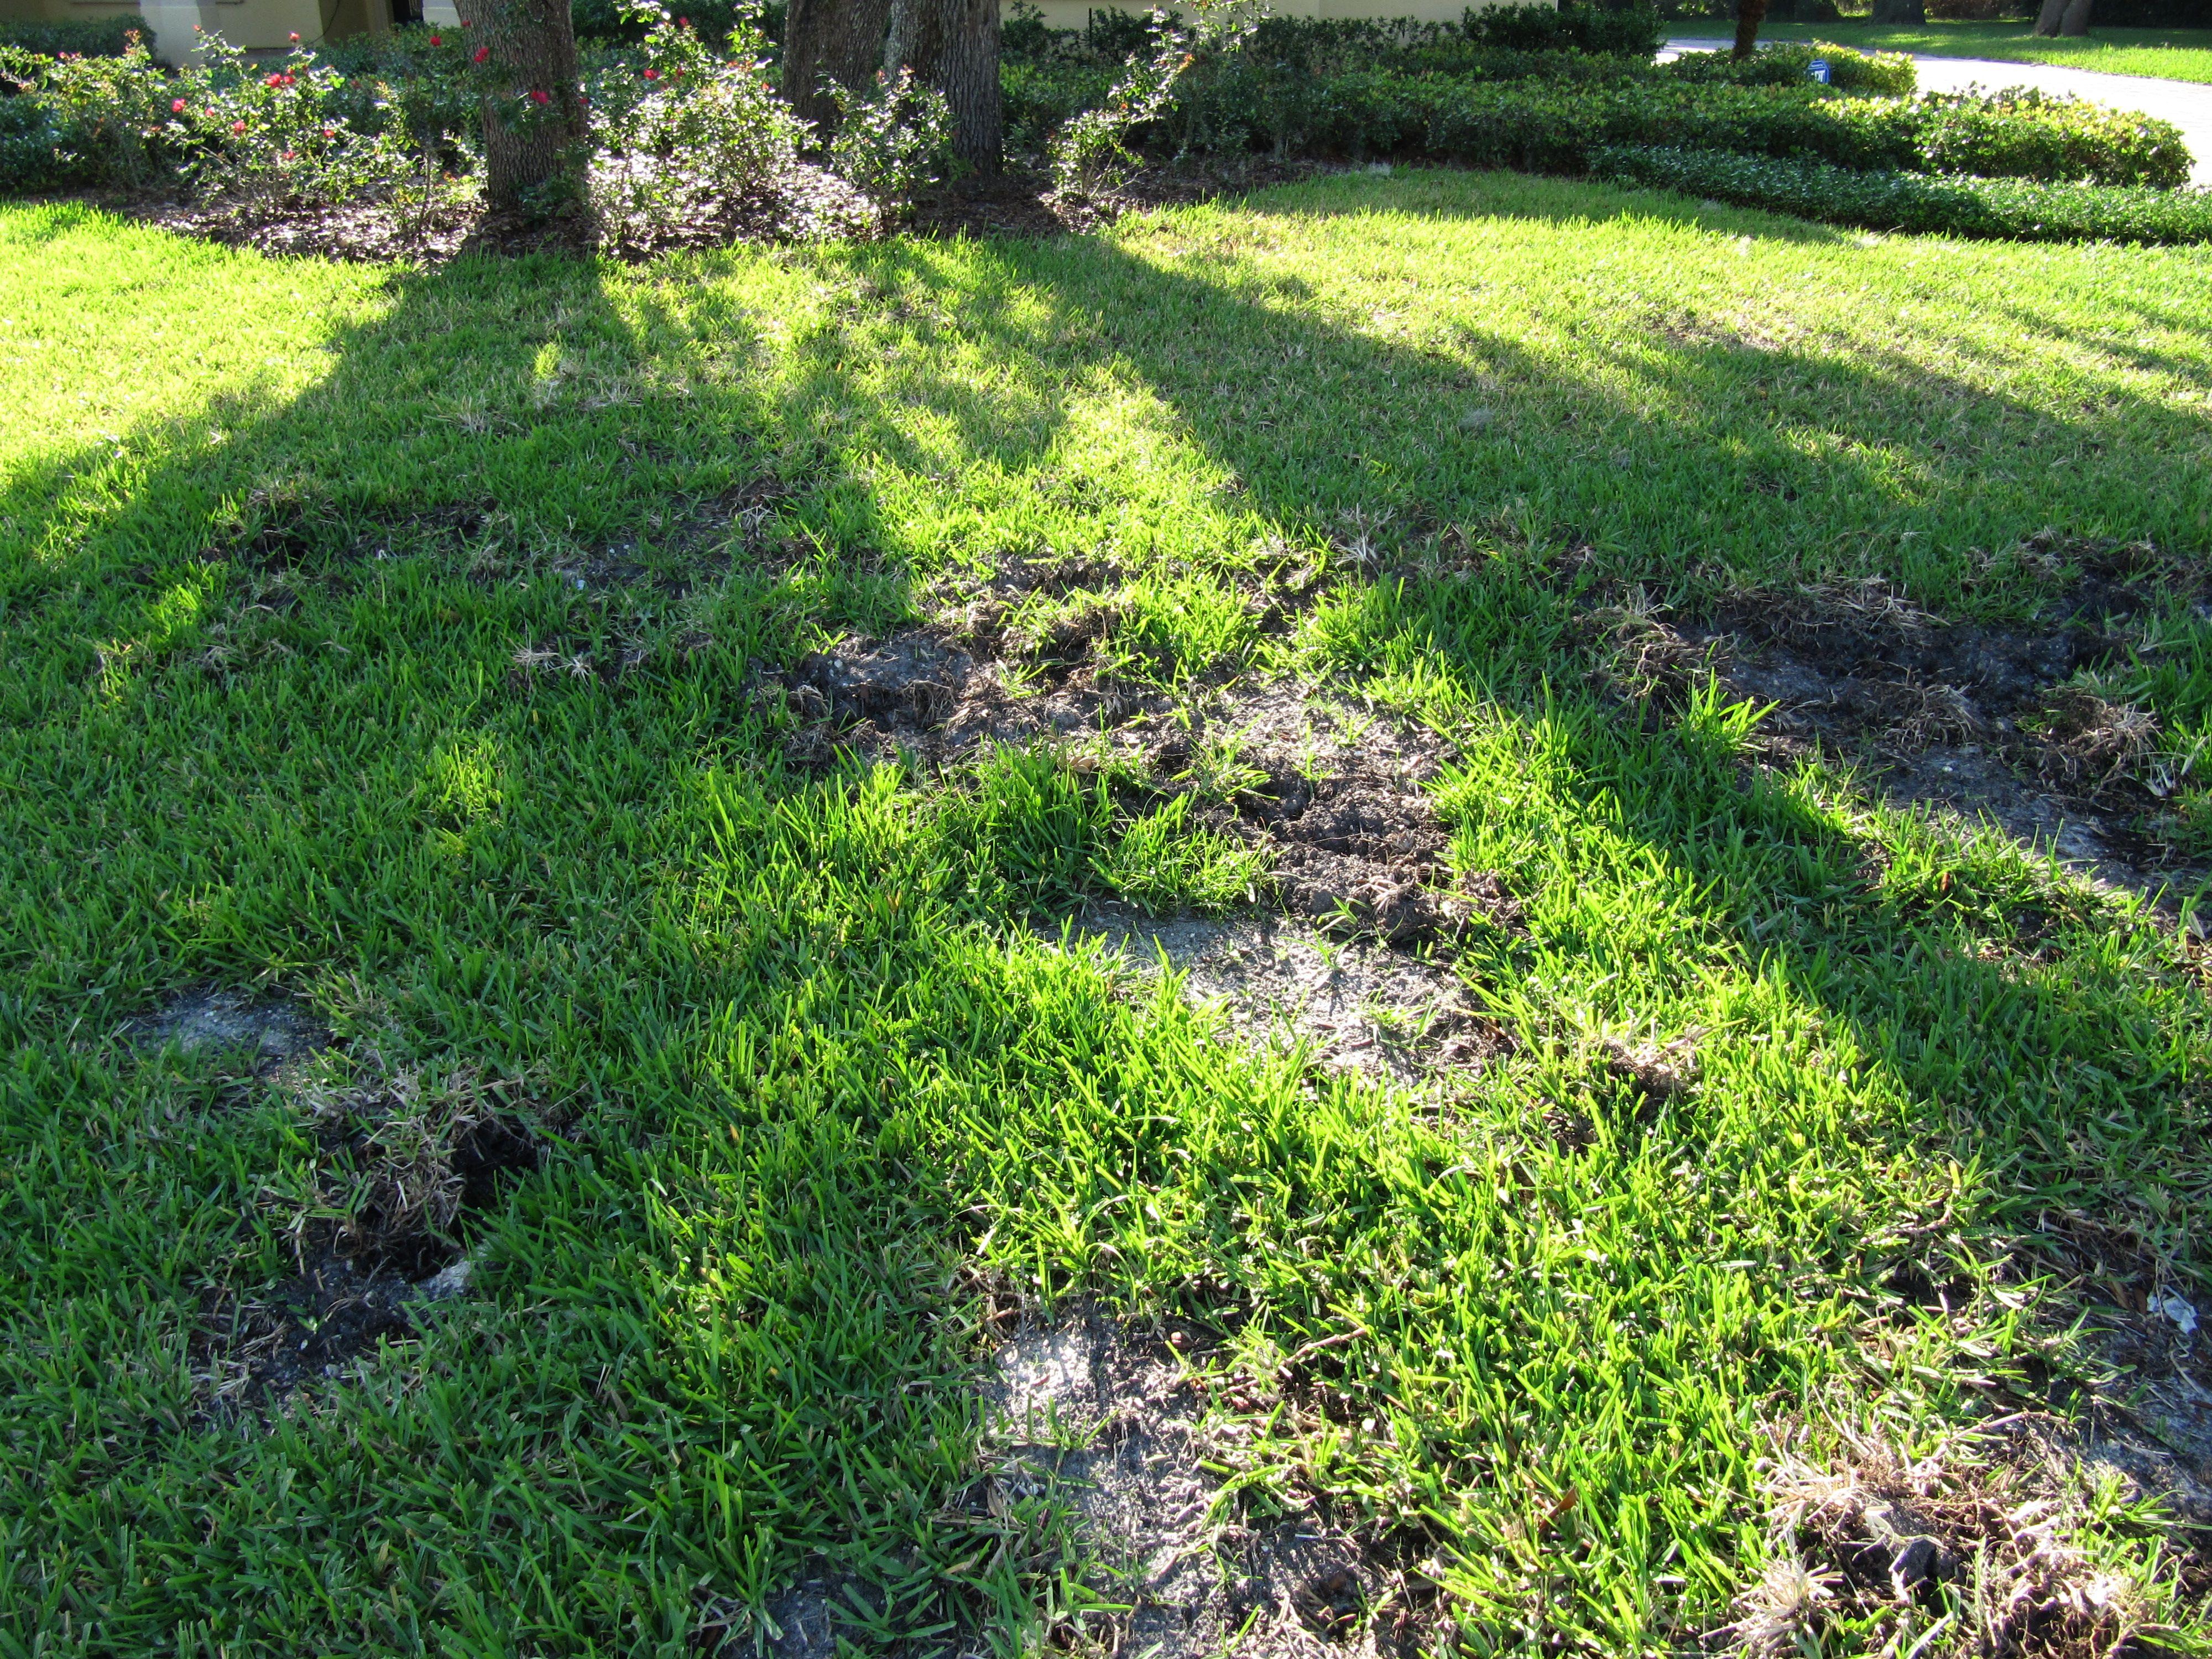 Wild Pig Damage In St Augustine Grass Lawn St Augustine Grass Lawn Outdoor Decor